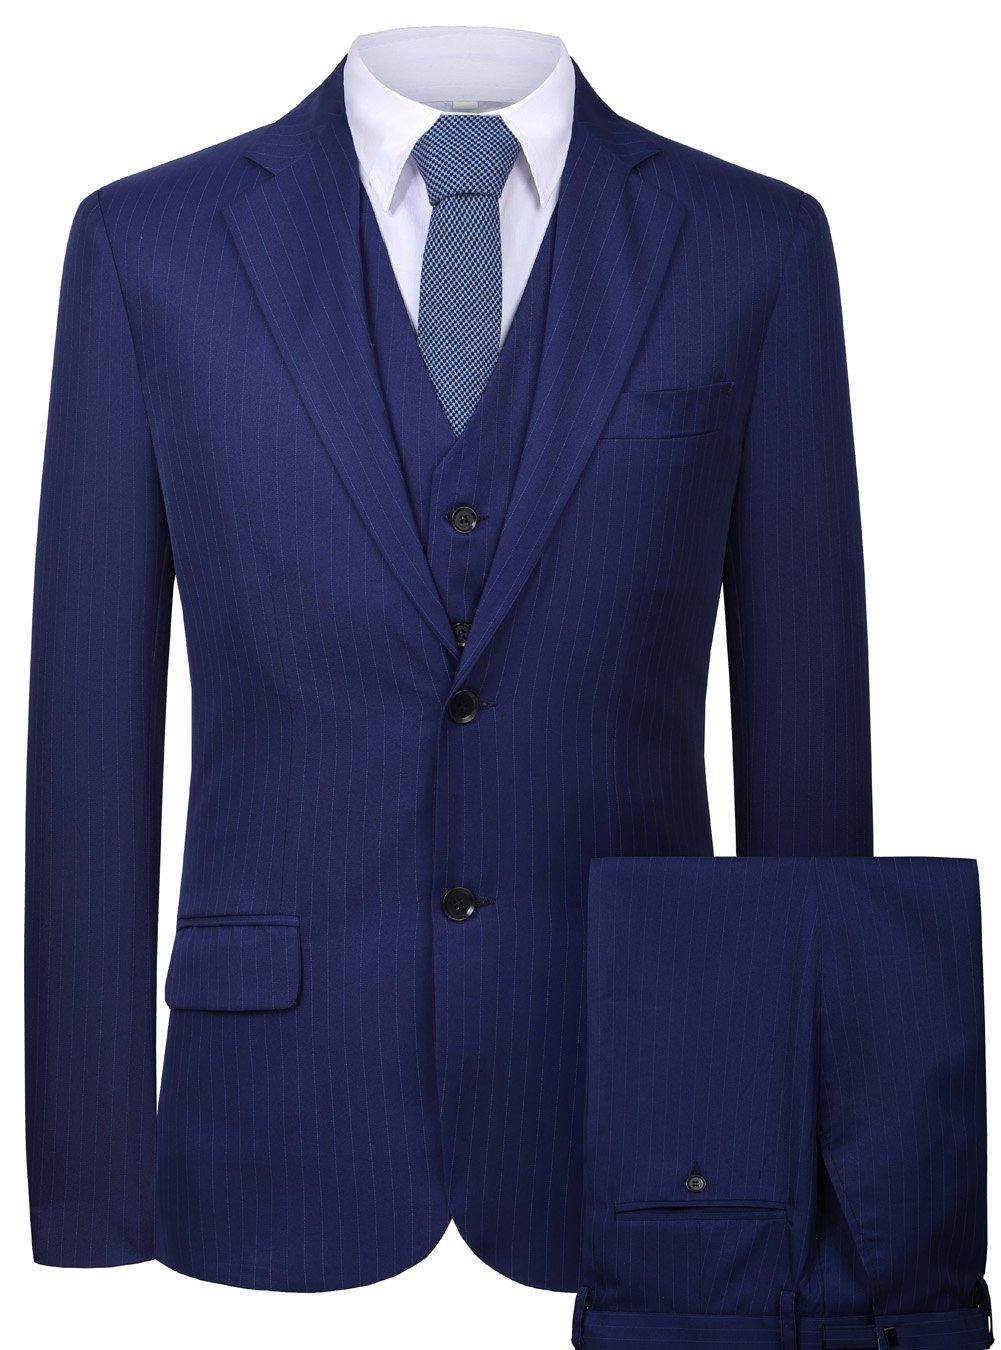 CMDC Men's 3 Pieces Business Suits Slim Fit Stripe Blazer Jacket Vest Pants Set SI137 (Blue,36)